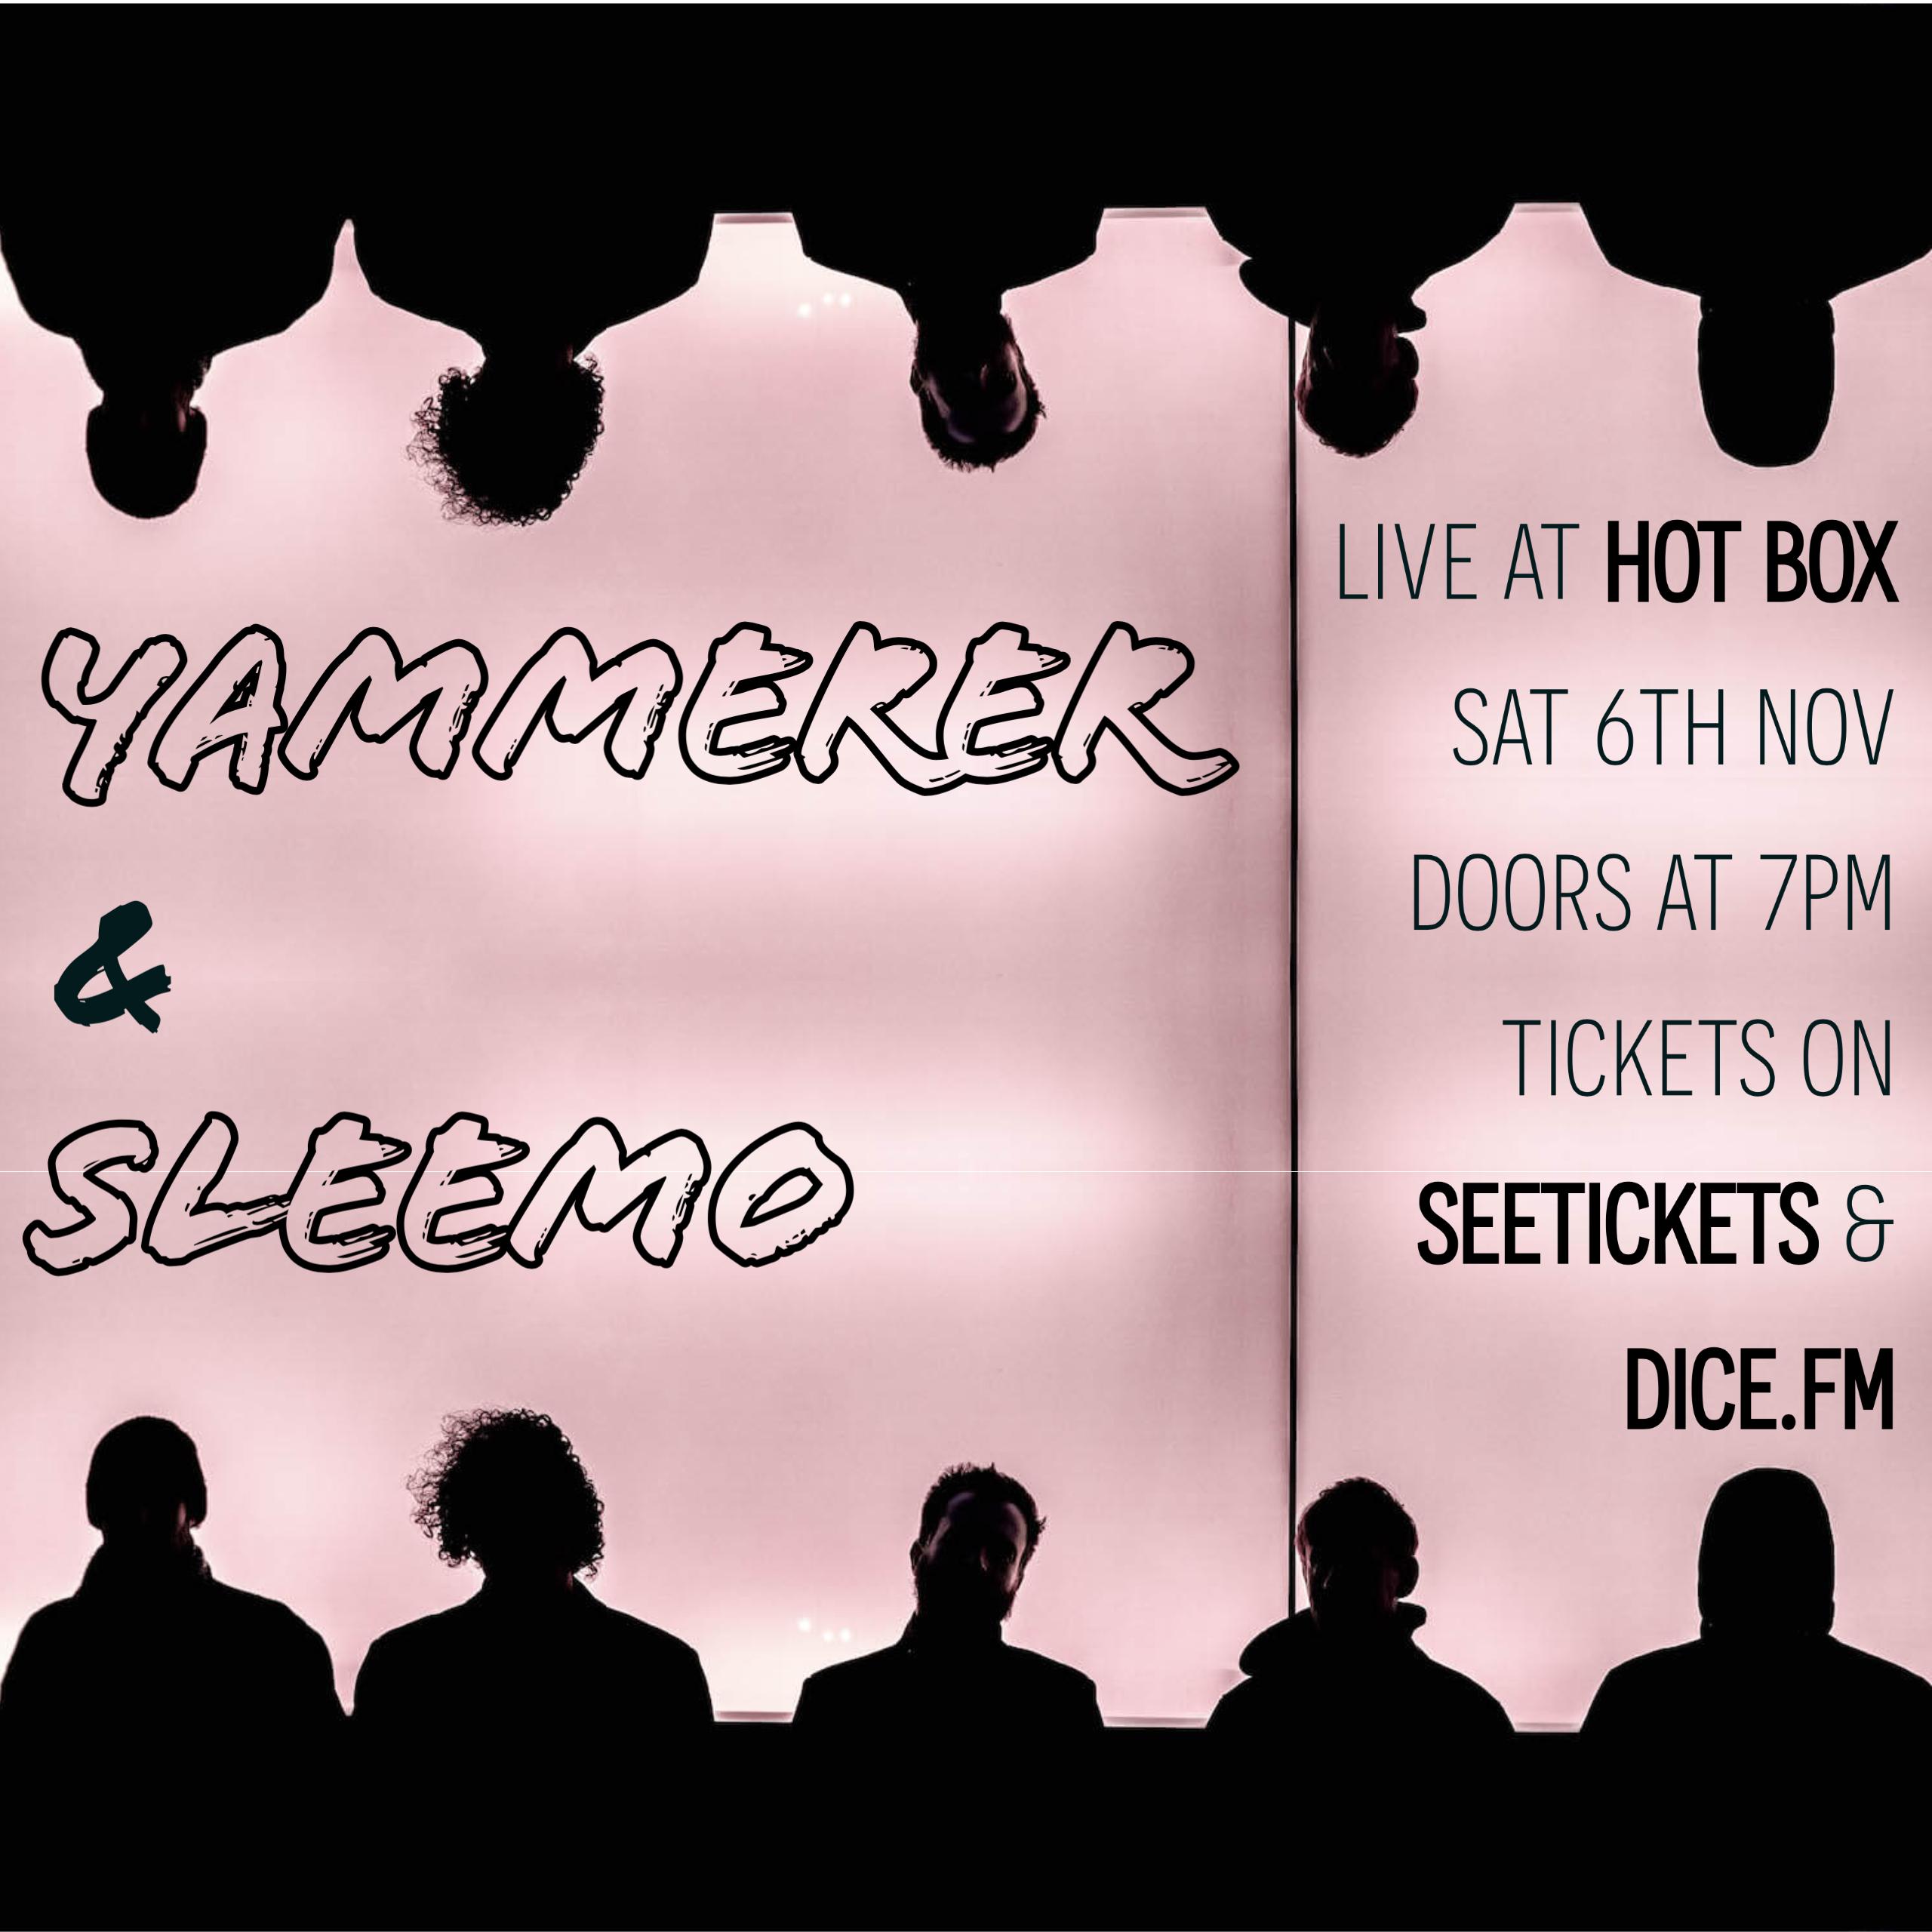 YAMMERER/SLEEMO